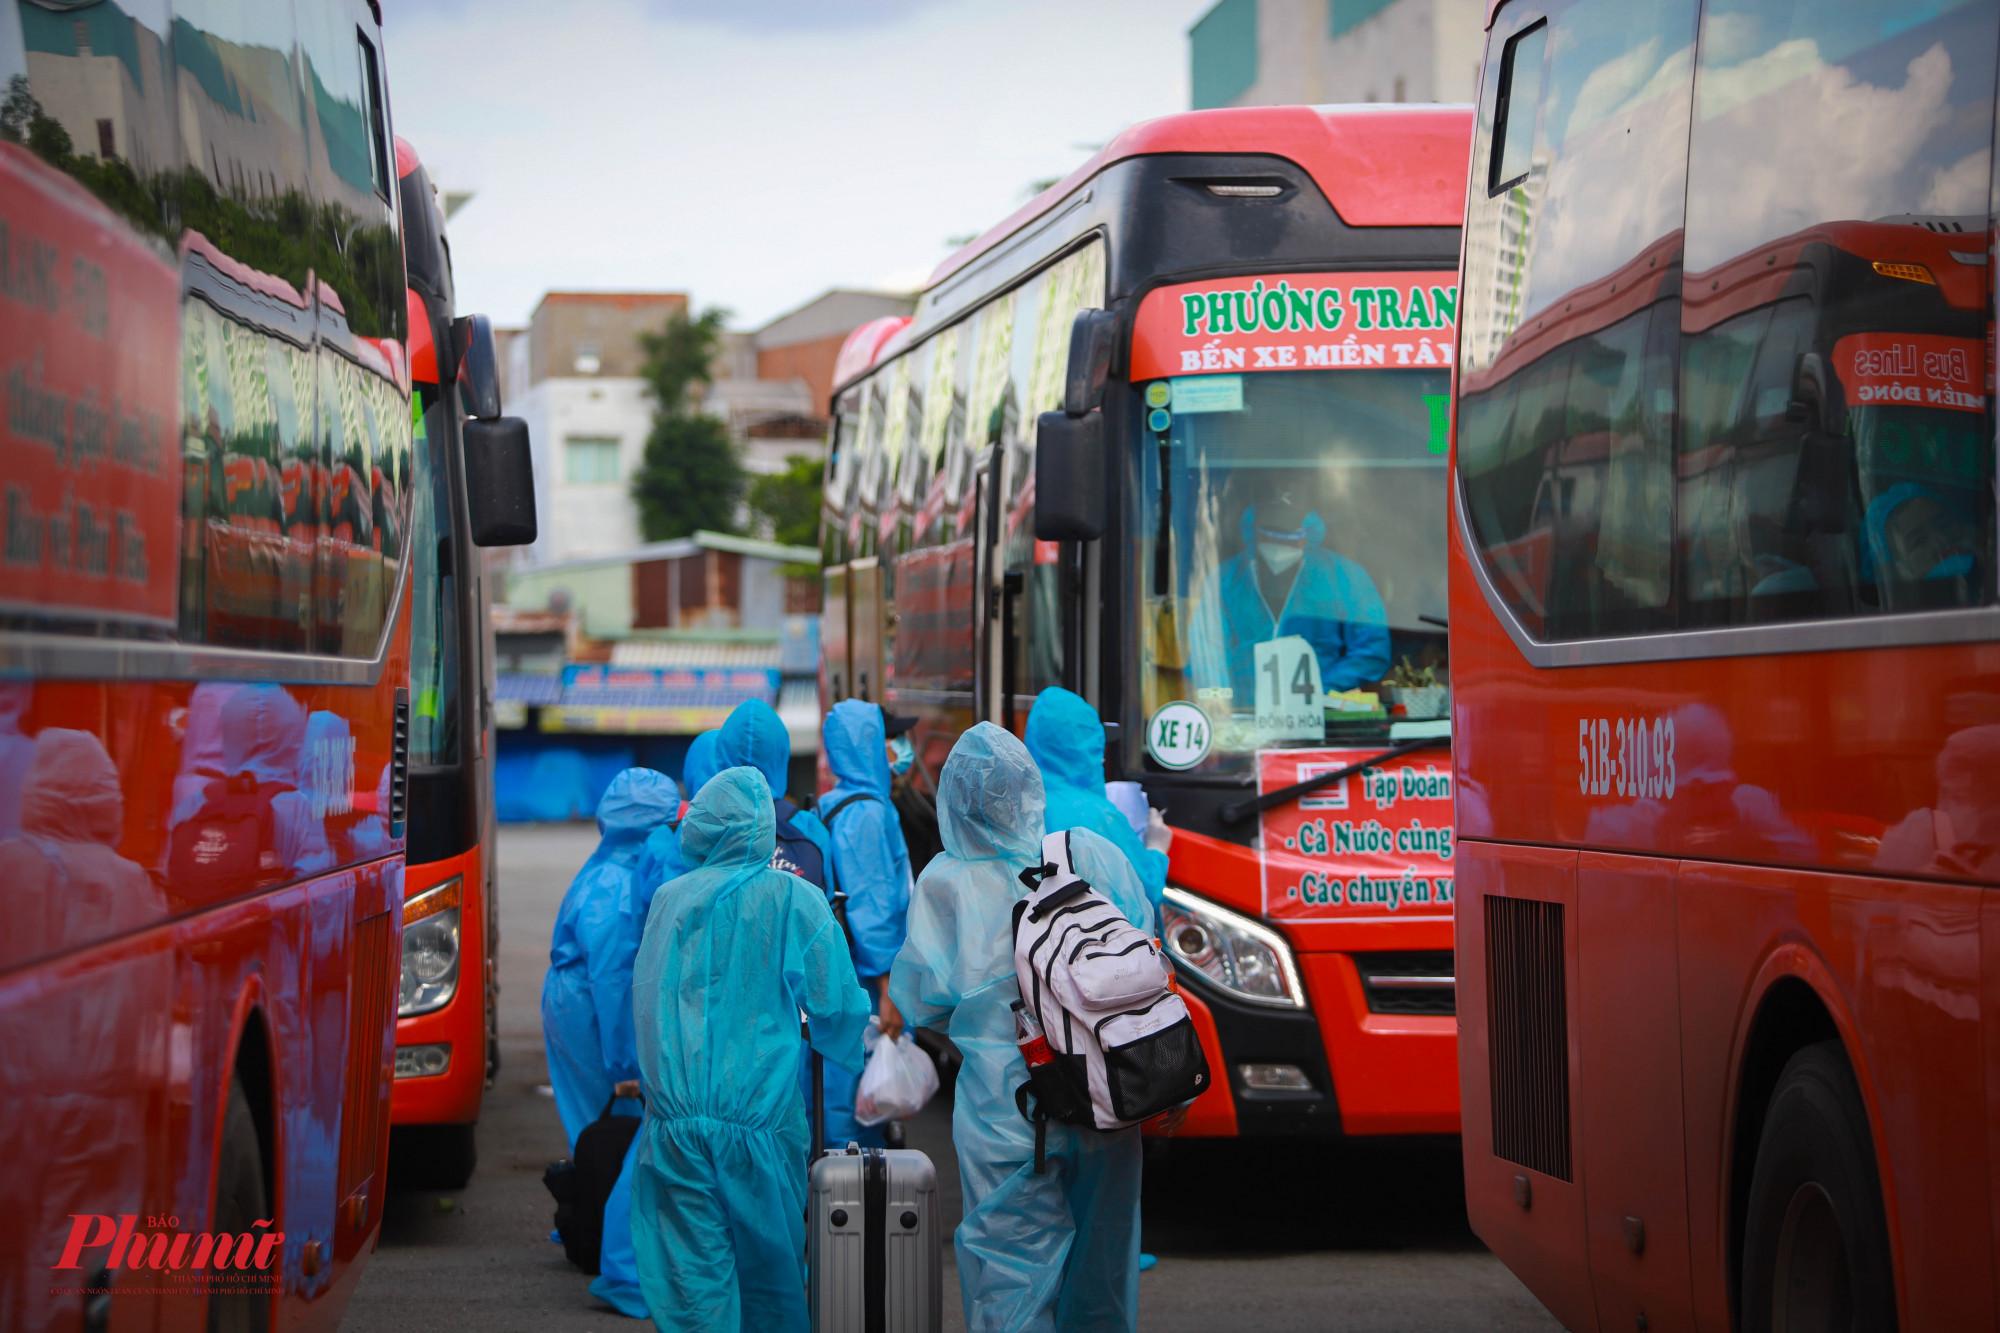 Hiện tại, đã có hơn 12.000 người dân Phú Yên được hỗ trợ về quê an toàn